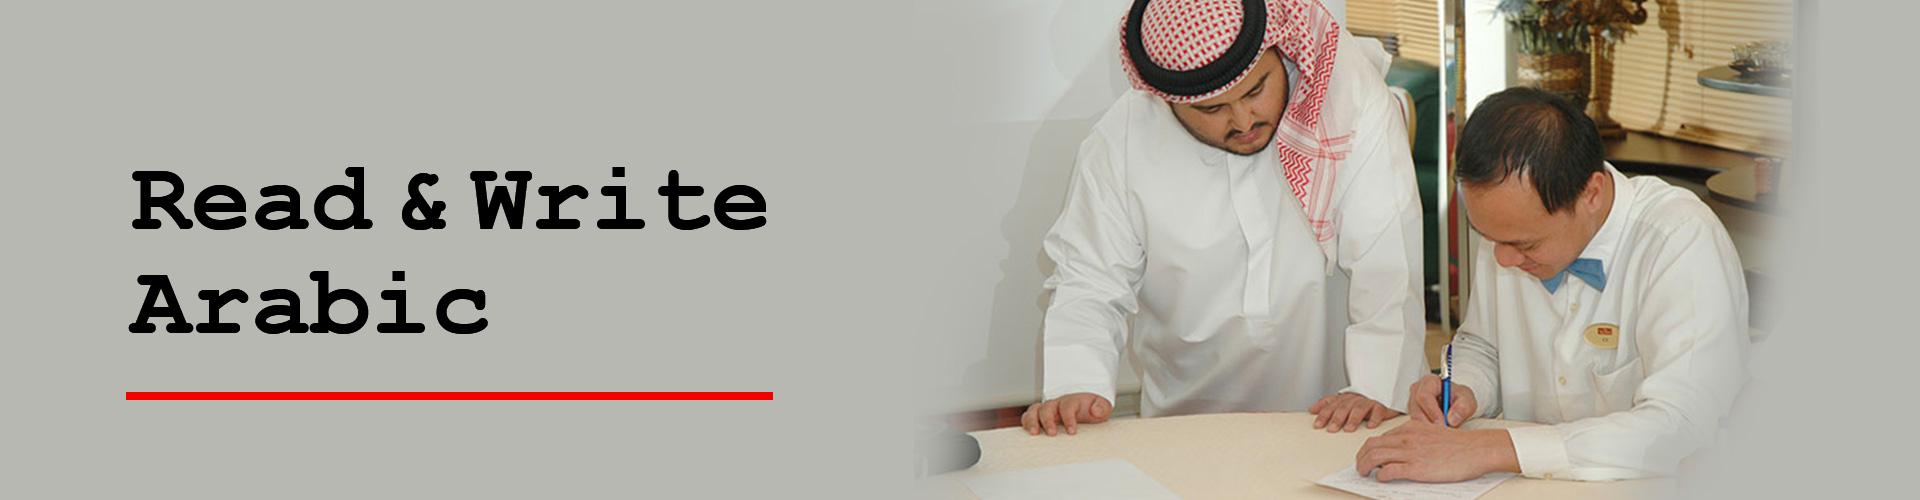 Arabic Read & Write classes